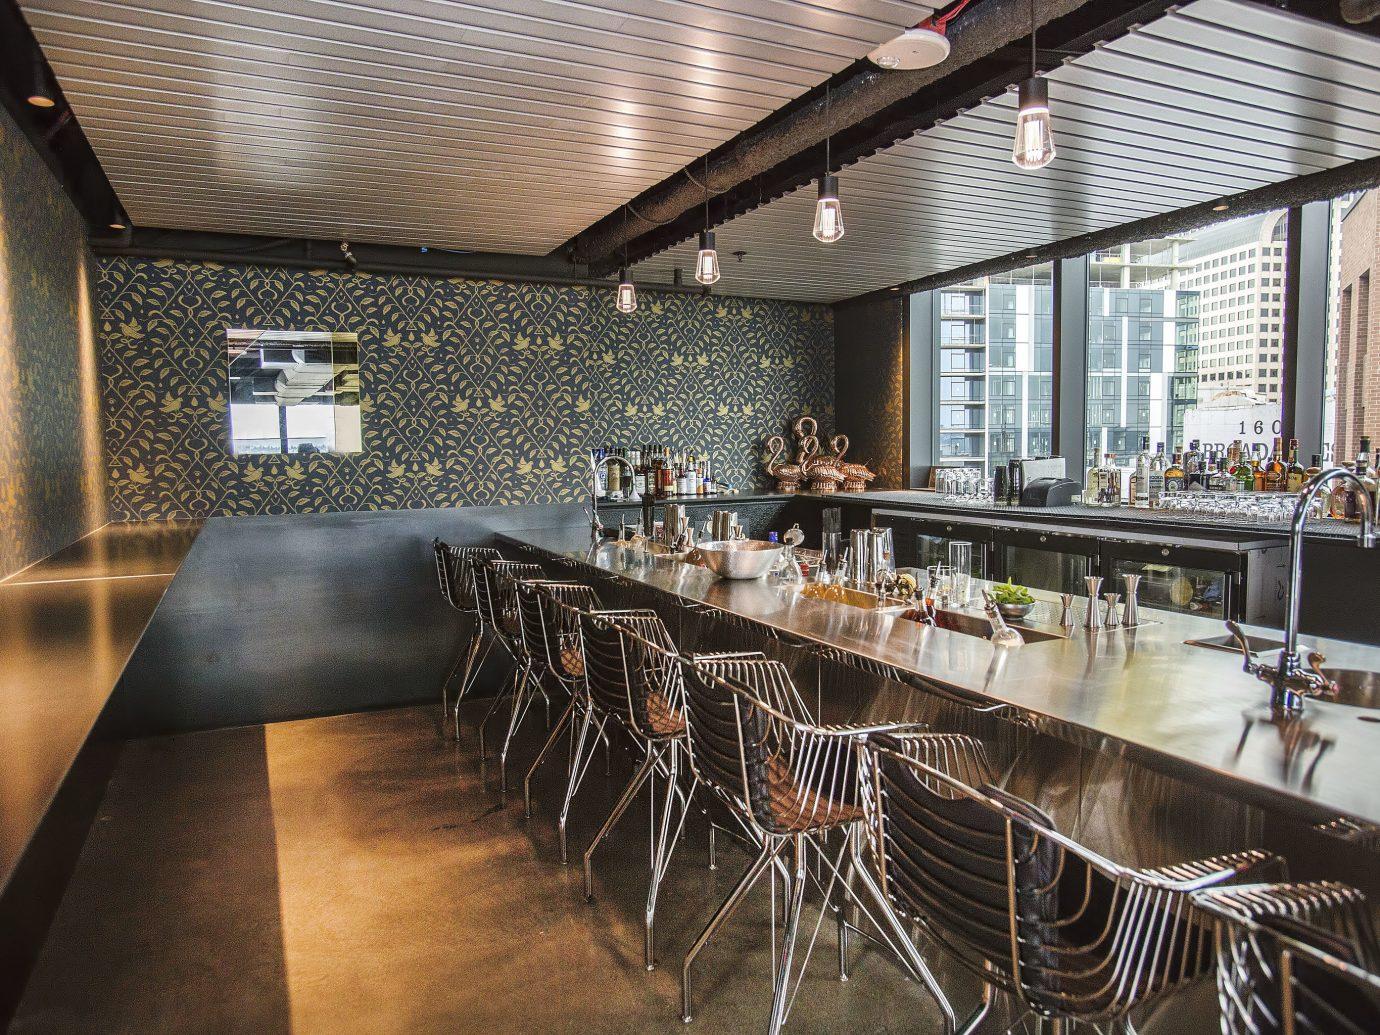 Food + Drink indoor floor restaurant meal interior design Bar